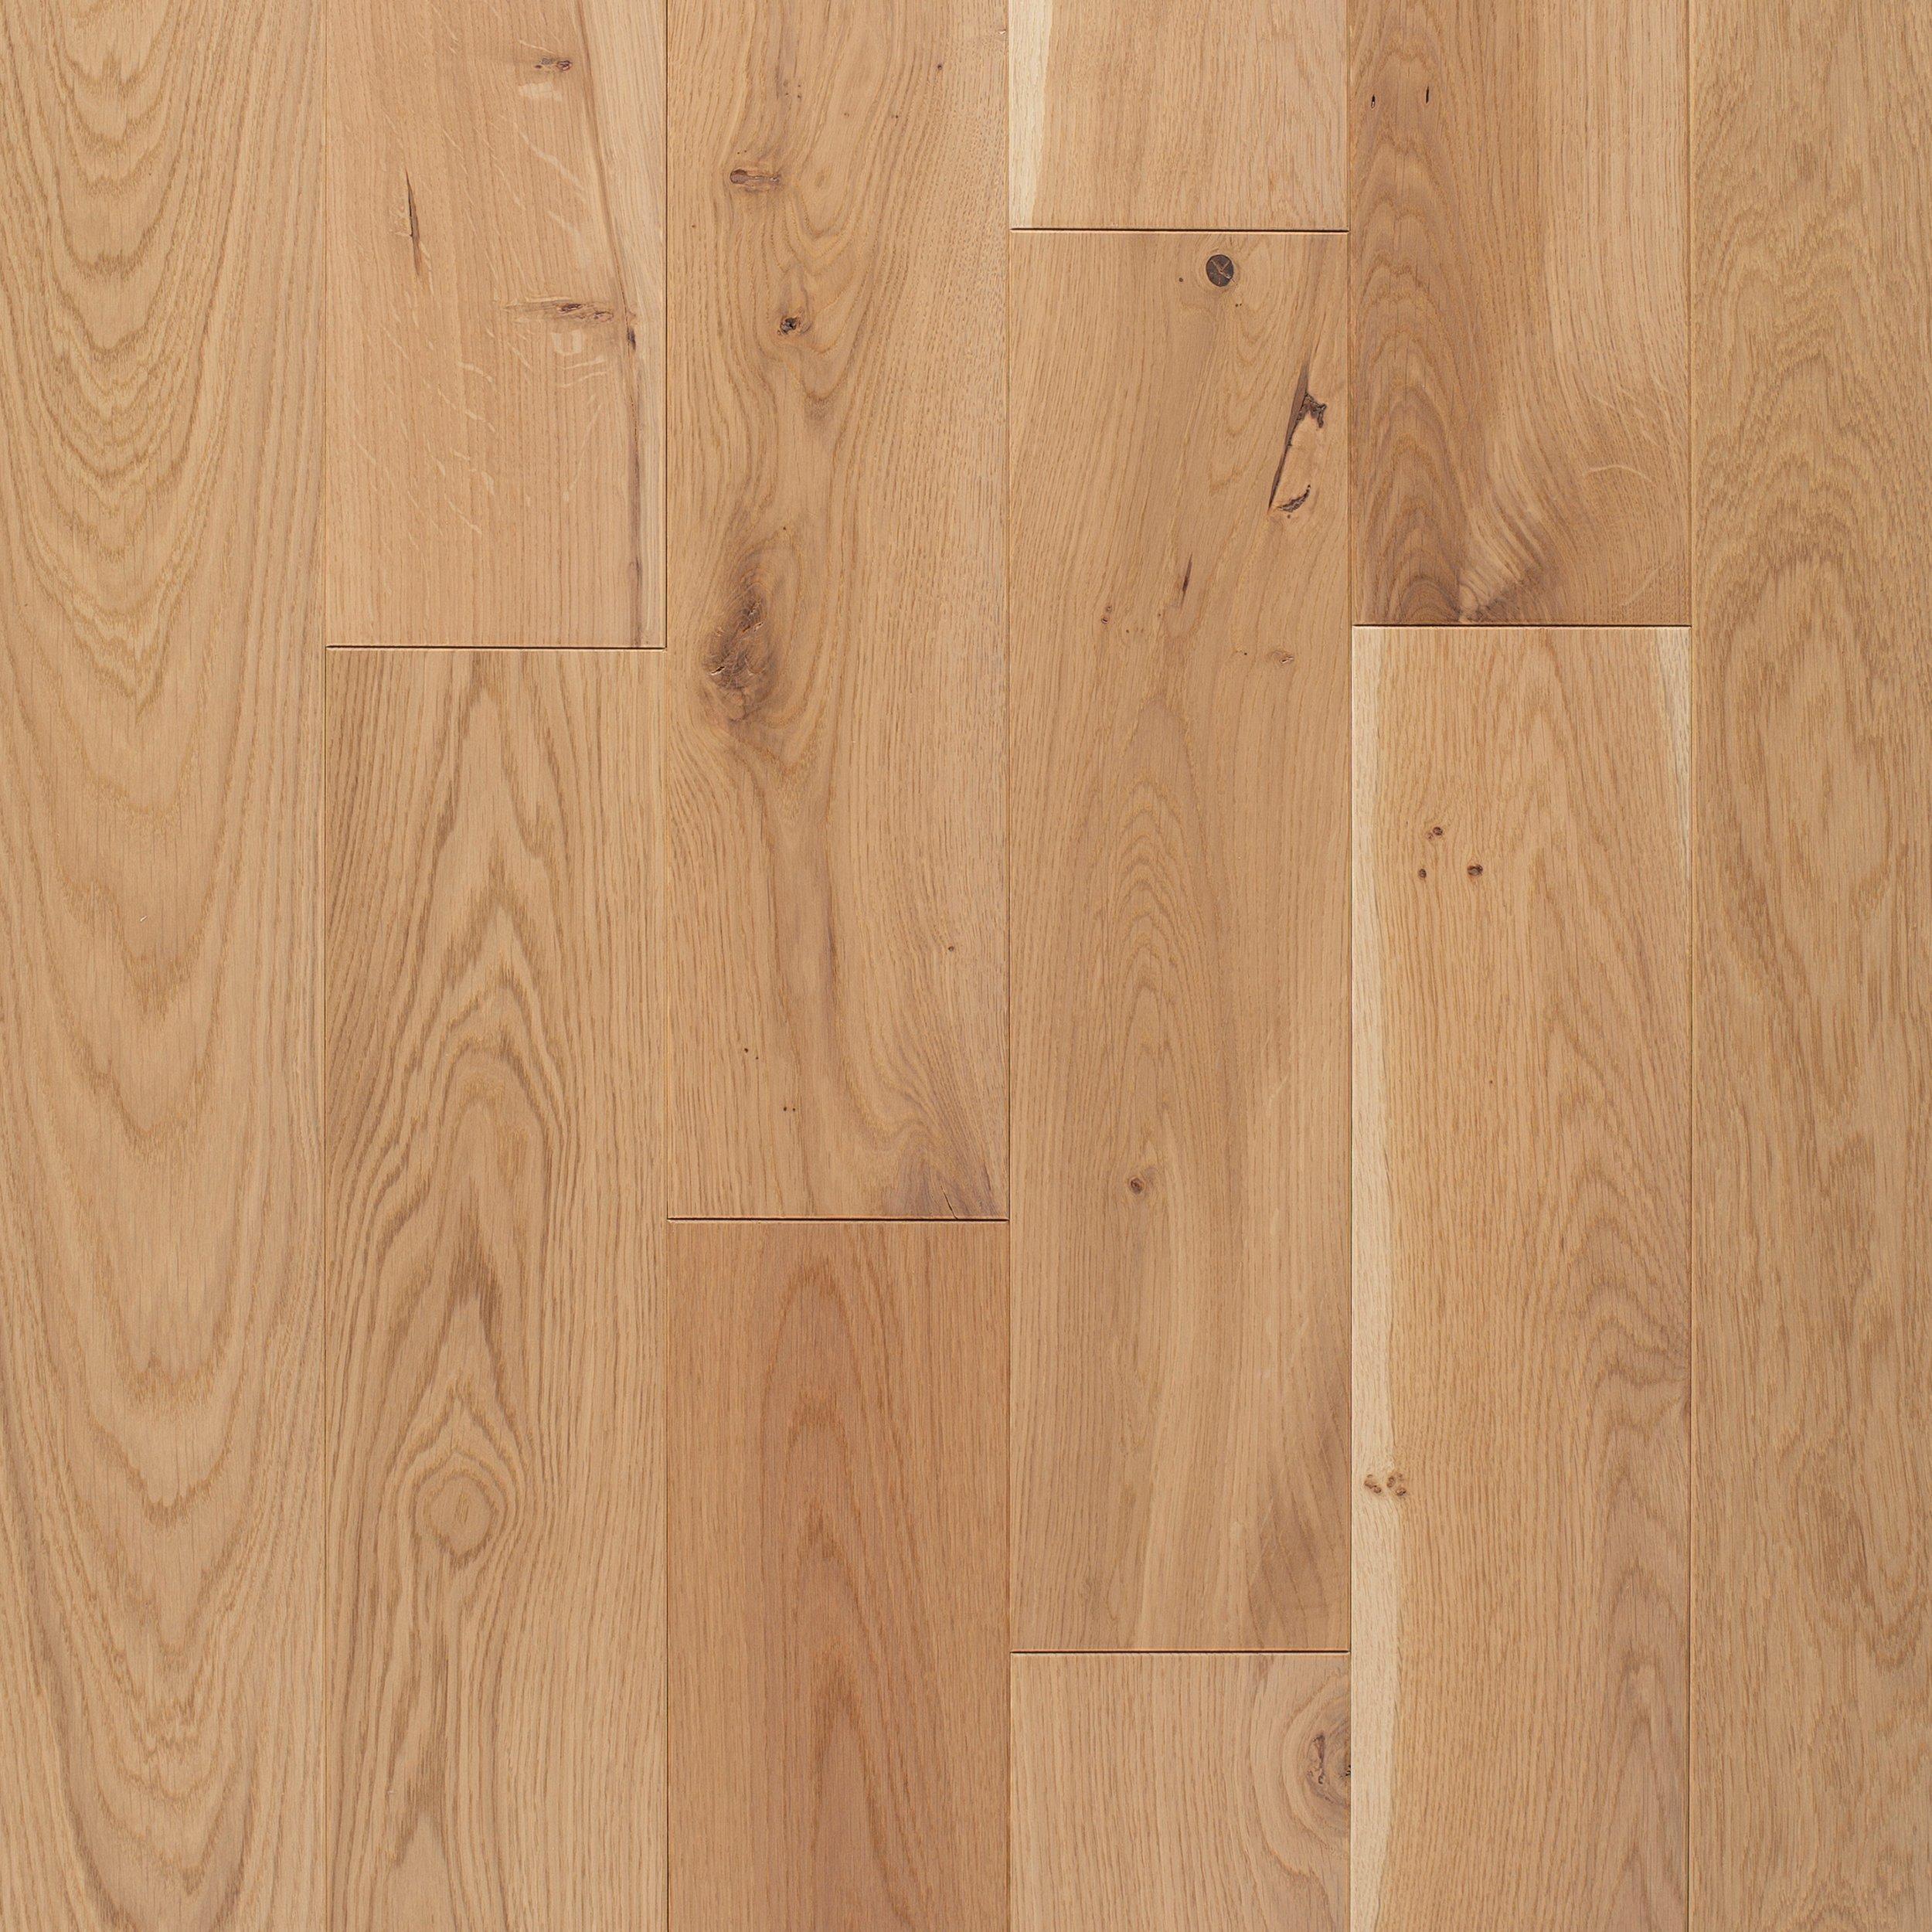 toledo white oak wire brushed solid hardwood